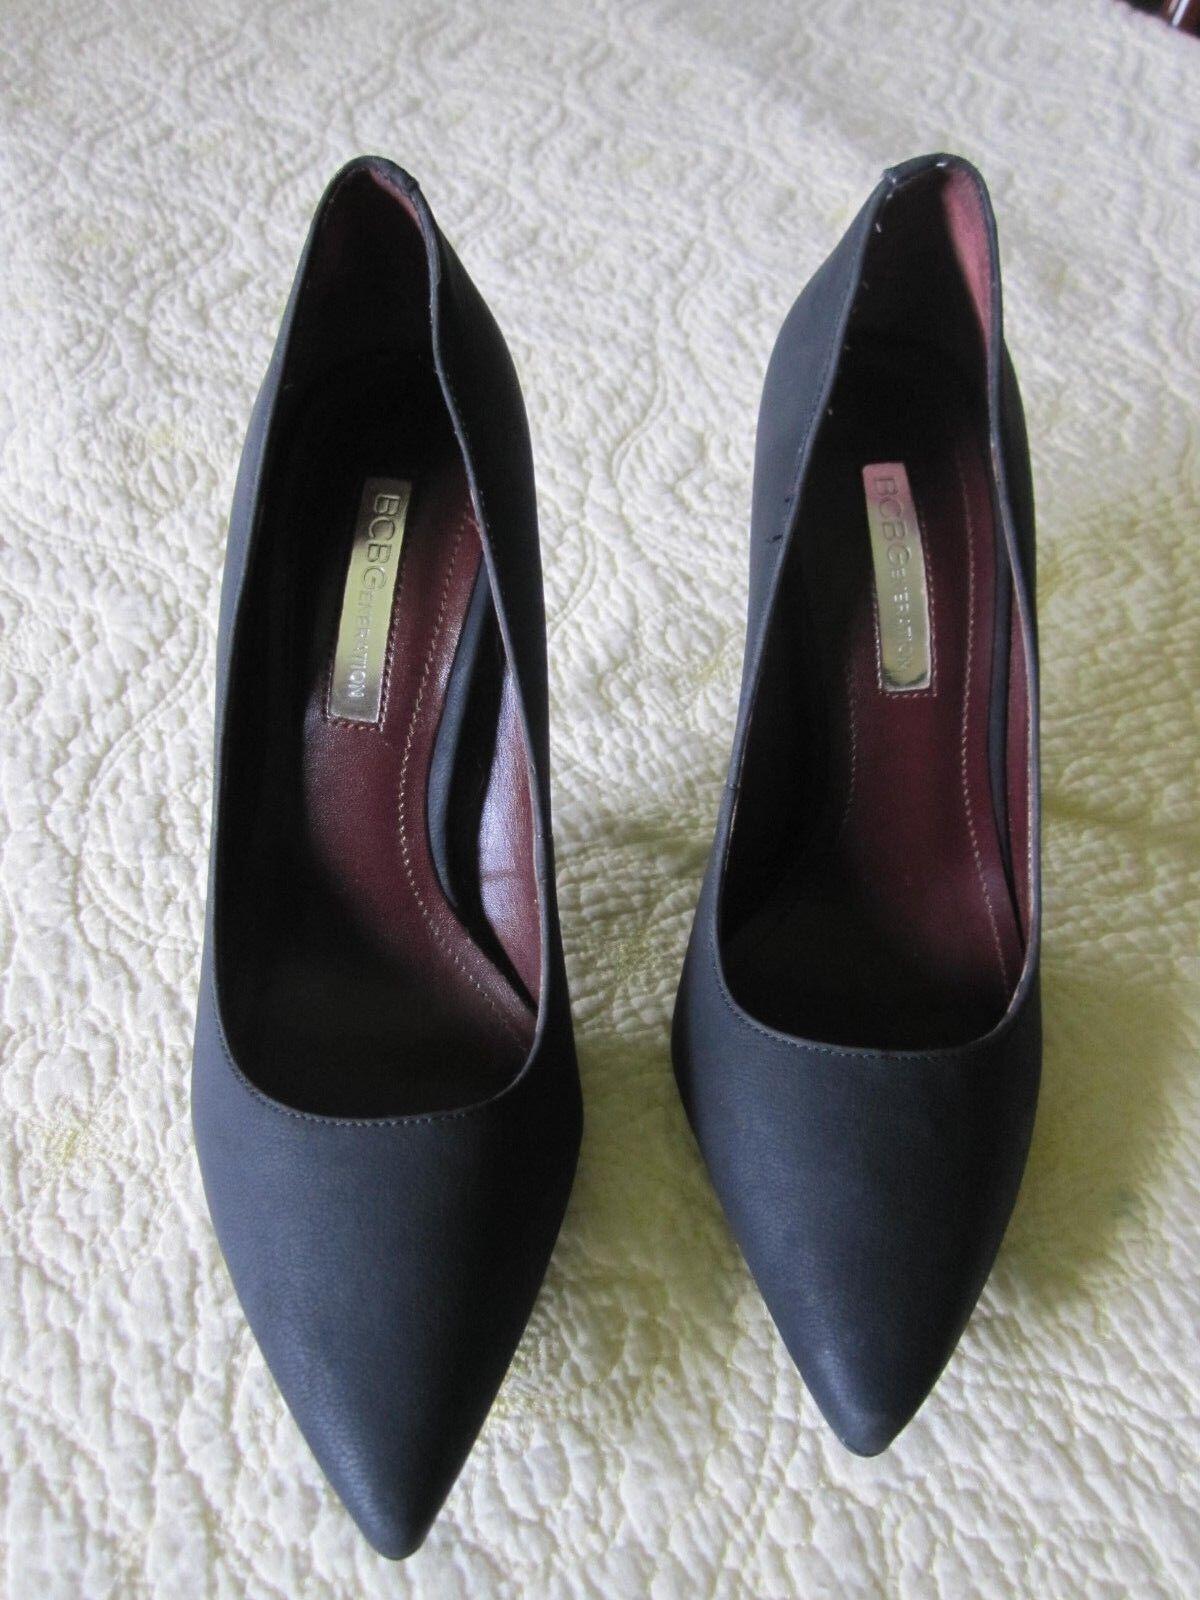 Pre Black Owned Women BCBGeneration Black Pre Stiletto Shoes Sz 5M/35 eb16a0